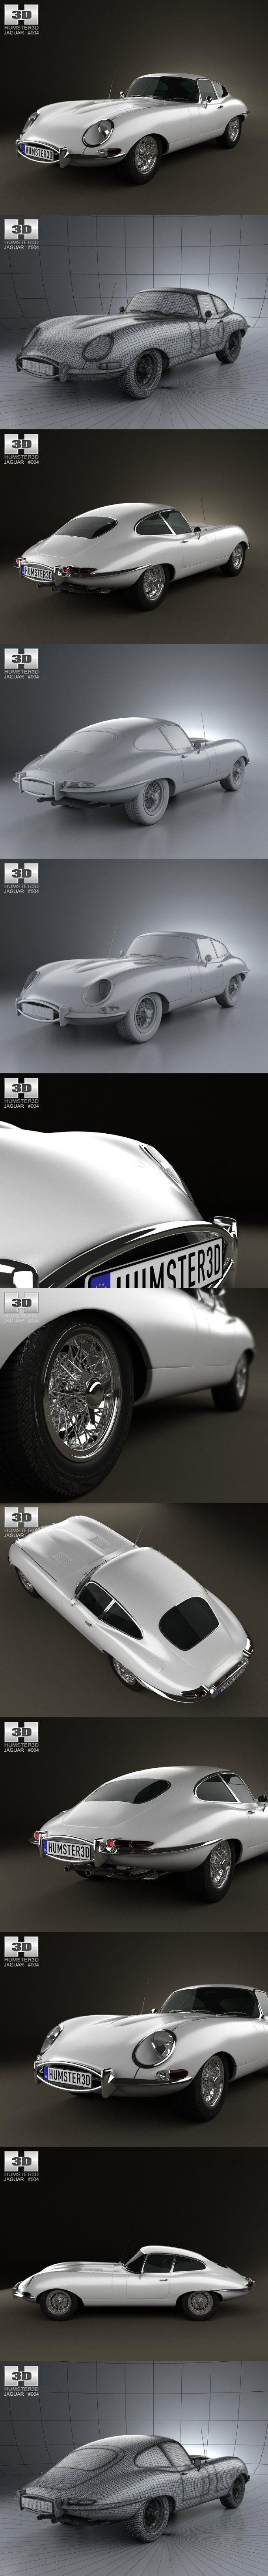 Jaguar E-type coupe 1961. 3D Vehicles